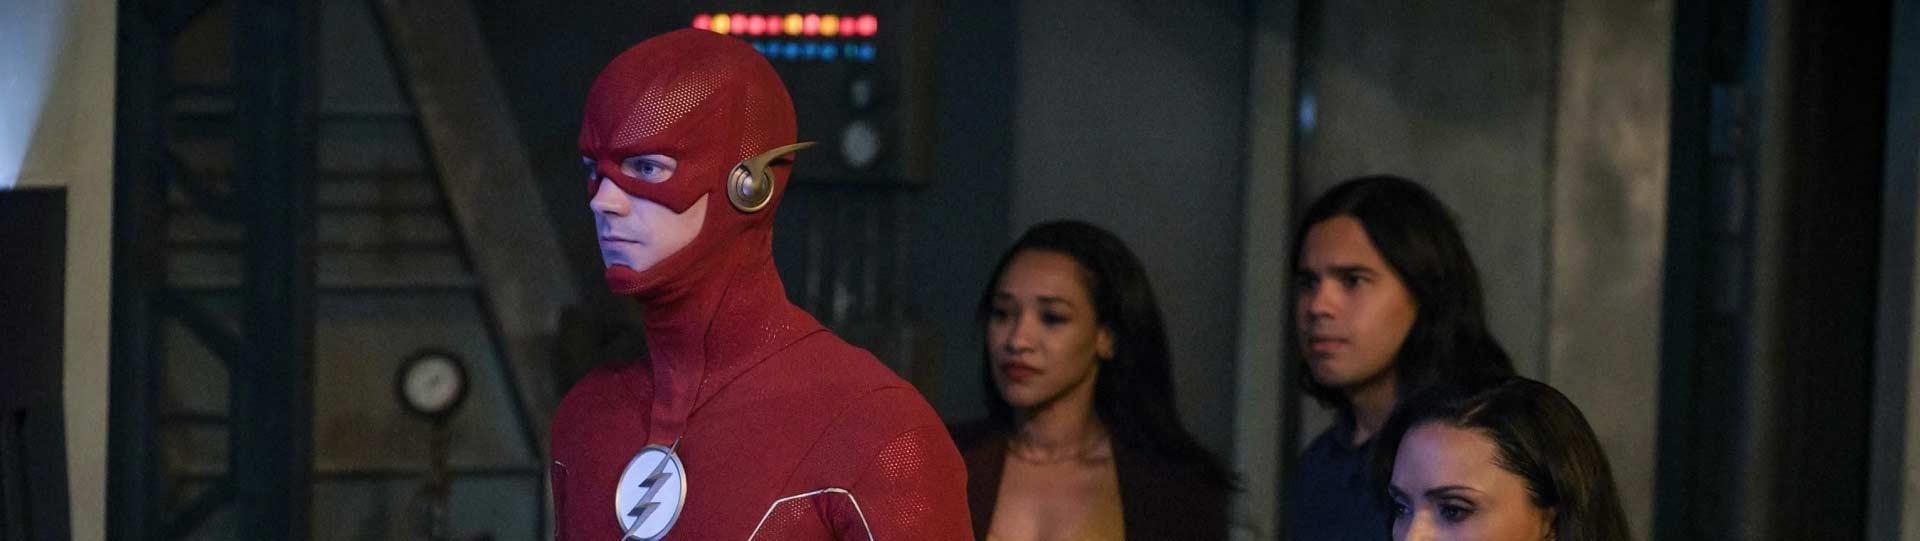 Flash S06E01